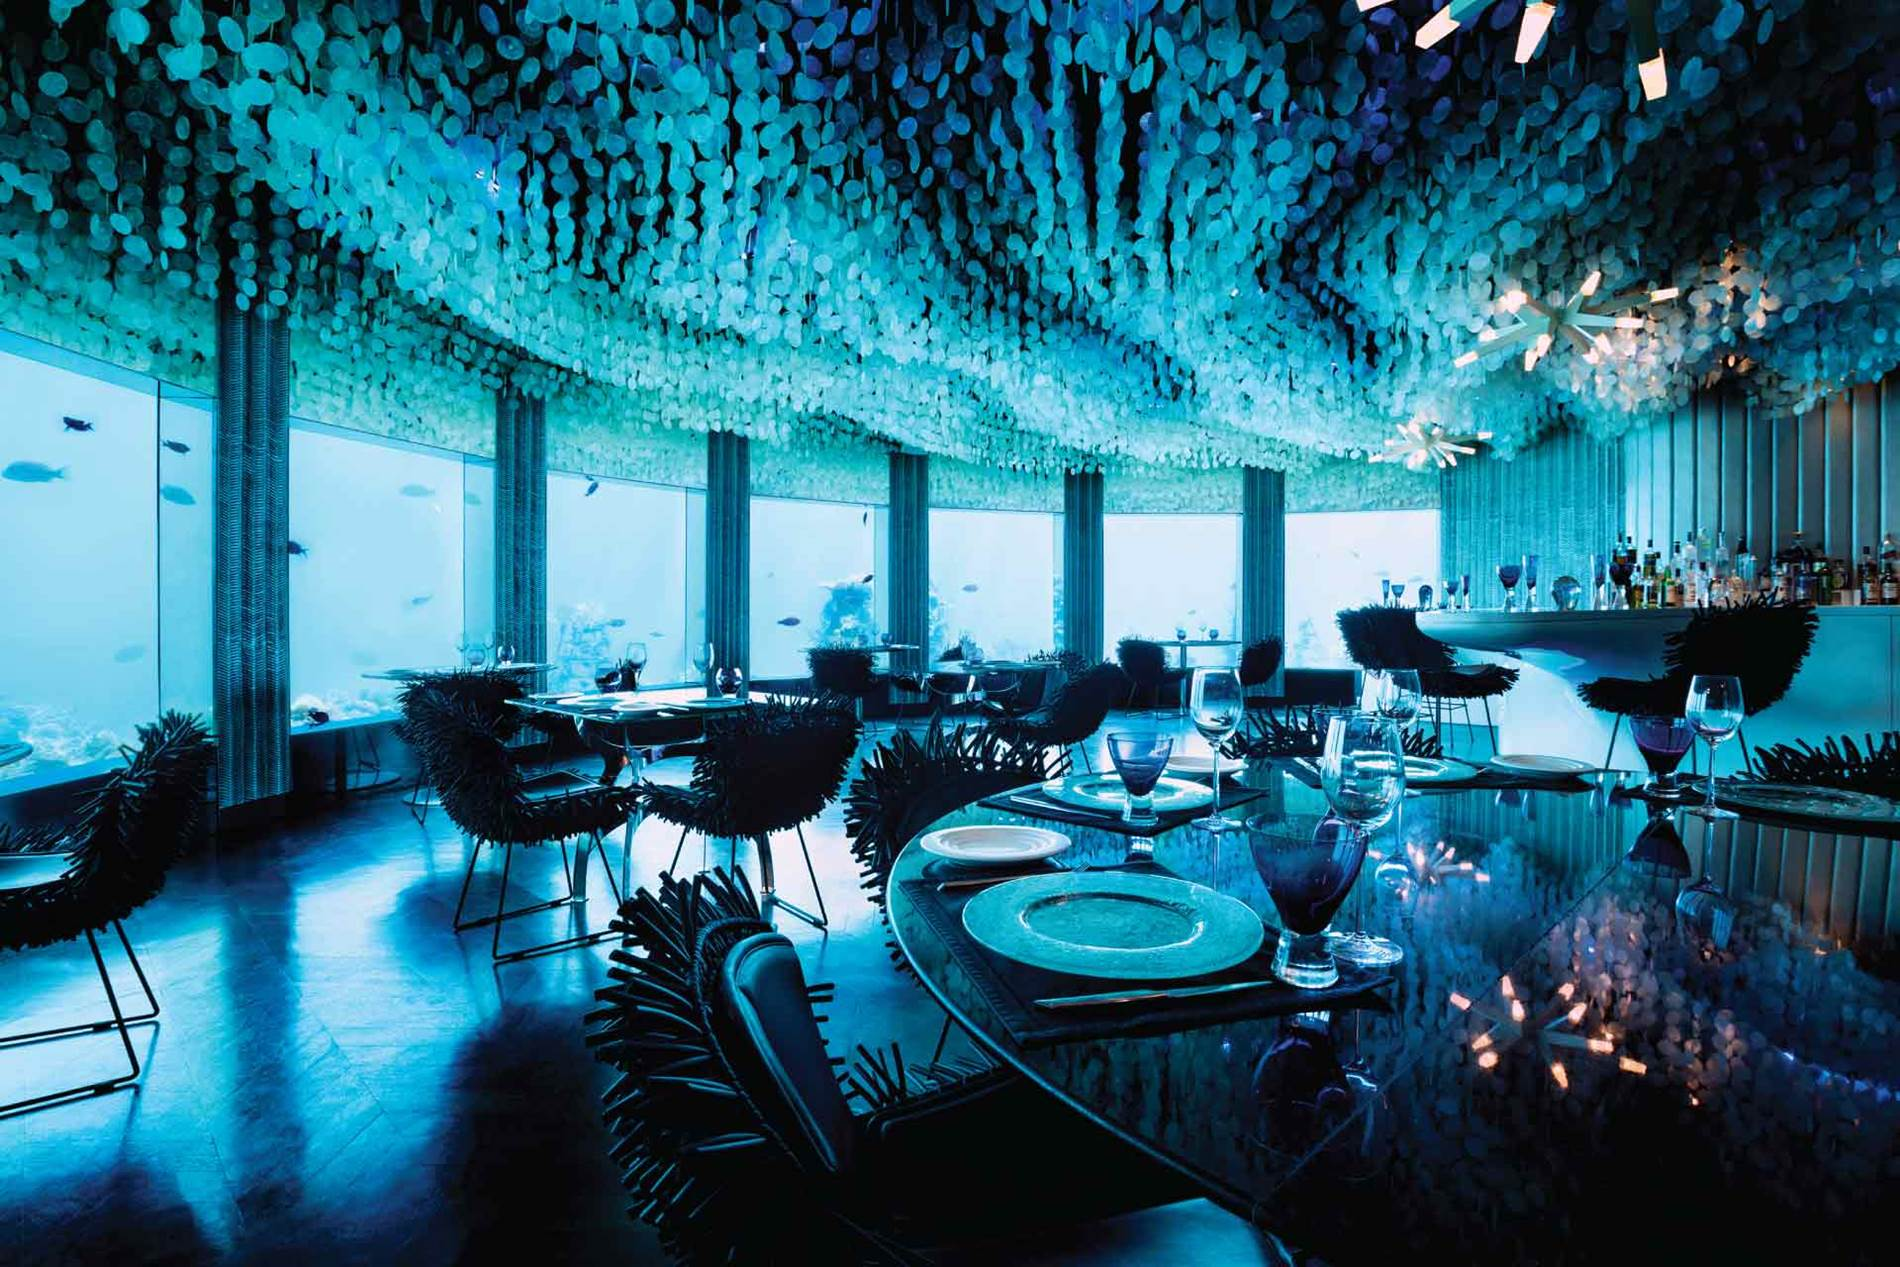 Є два незвичайних ресторани - Nest, розташований на дереві, та Submix - під водою із дивовижними видами на підводний світ Індійського океану.